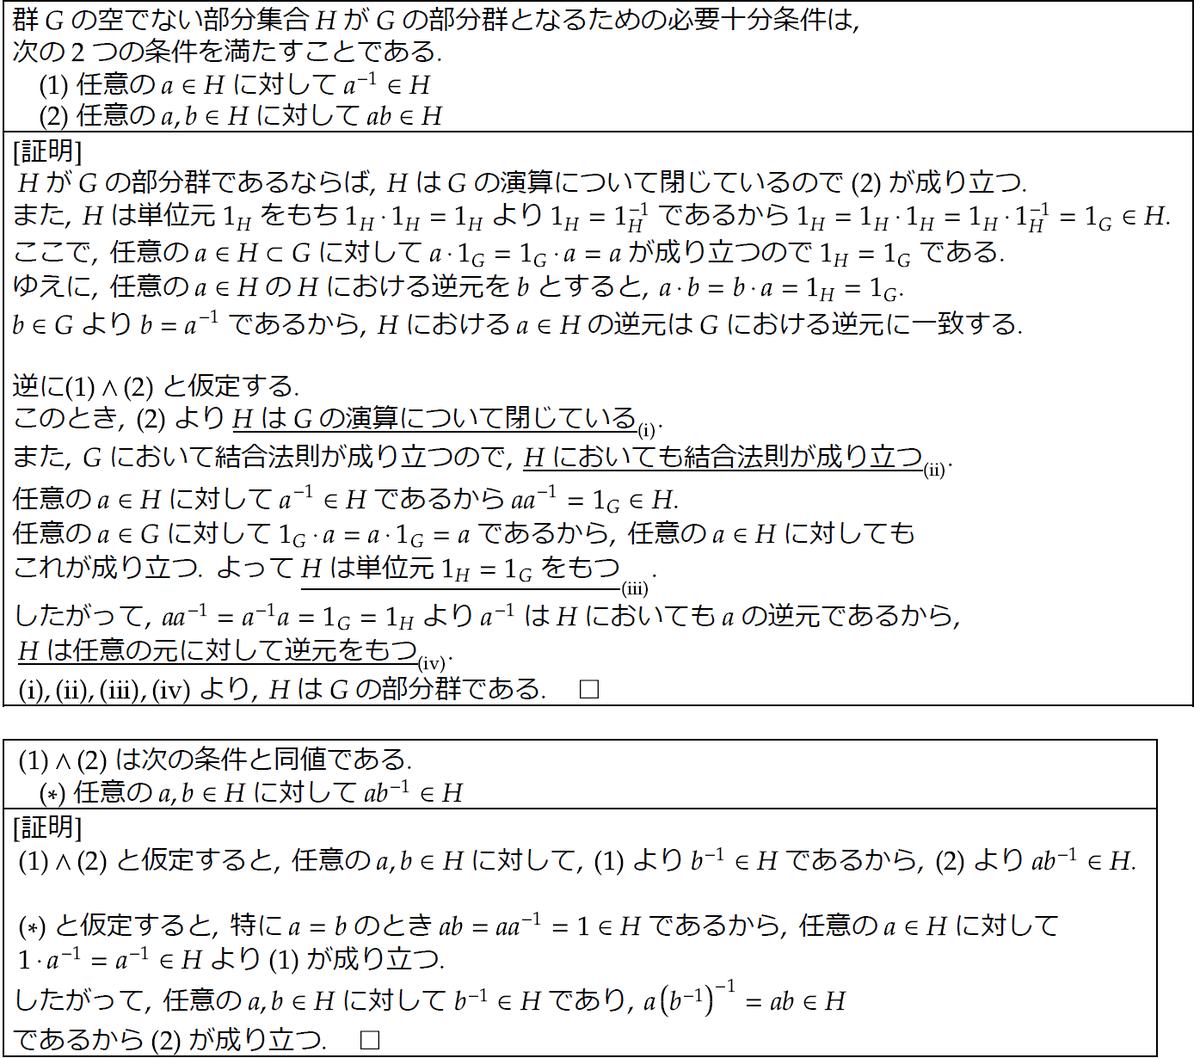 f:id:Natsu1014_brog:20210401011540p:plain